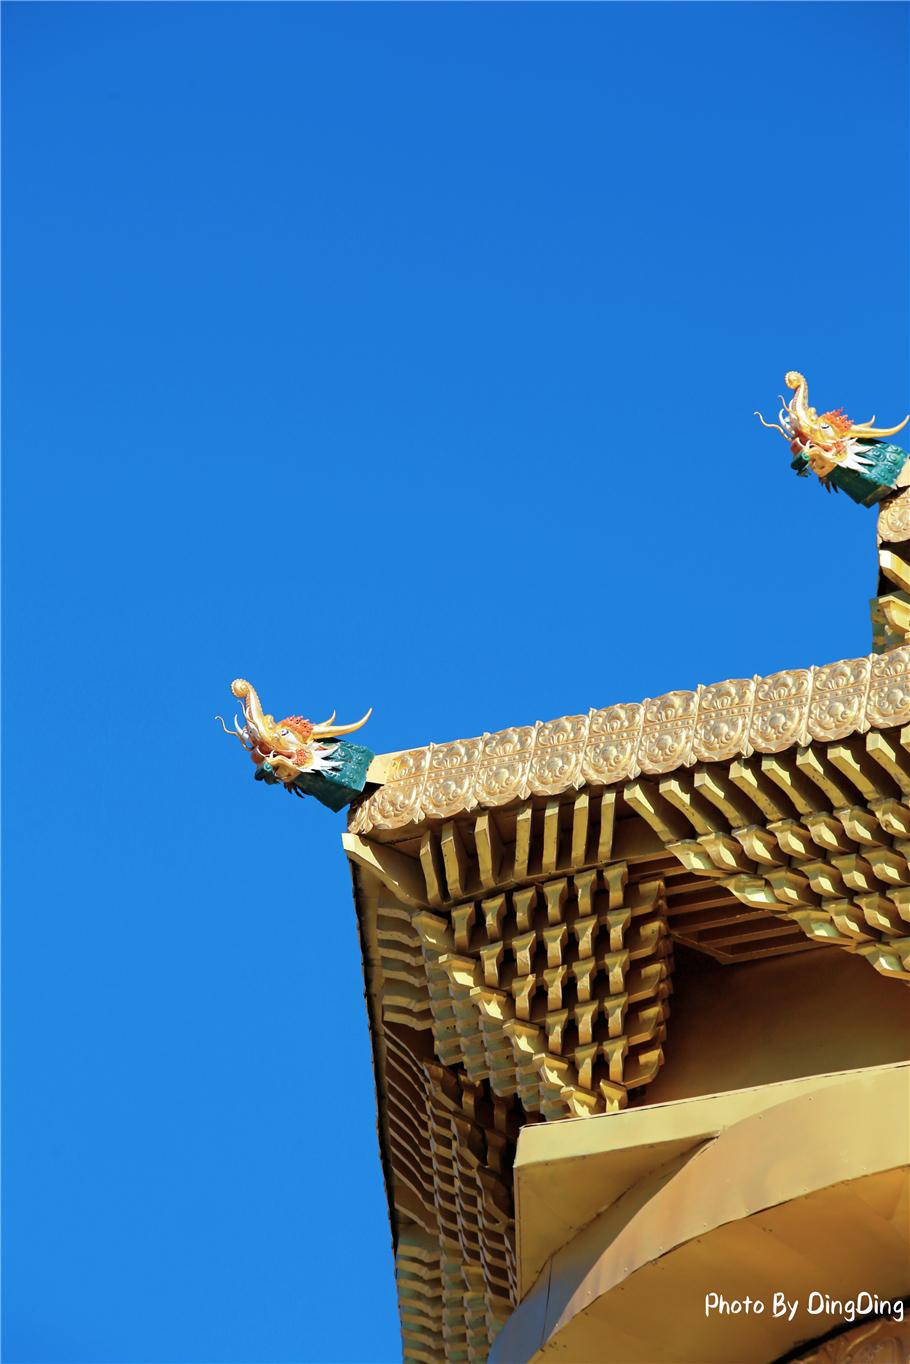 原创             只有到了肃南旅行,才能看到世界最大转经筒,巨型转轮镀着金箔